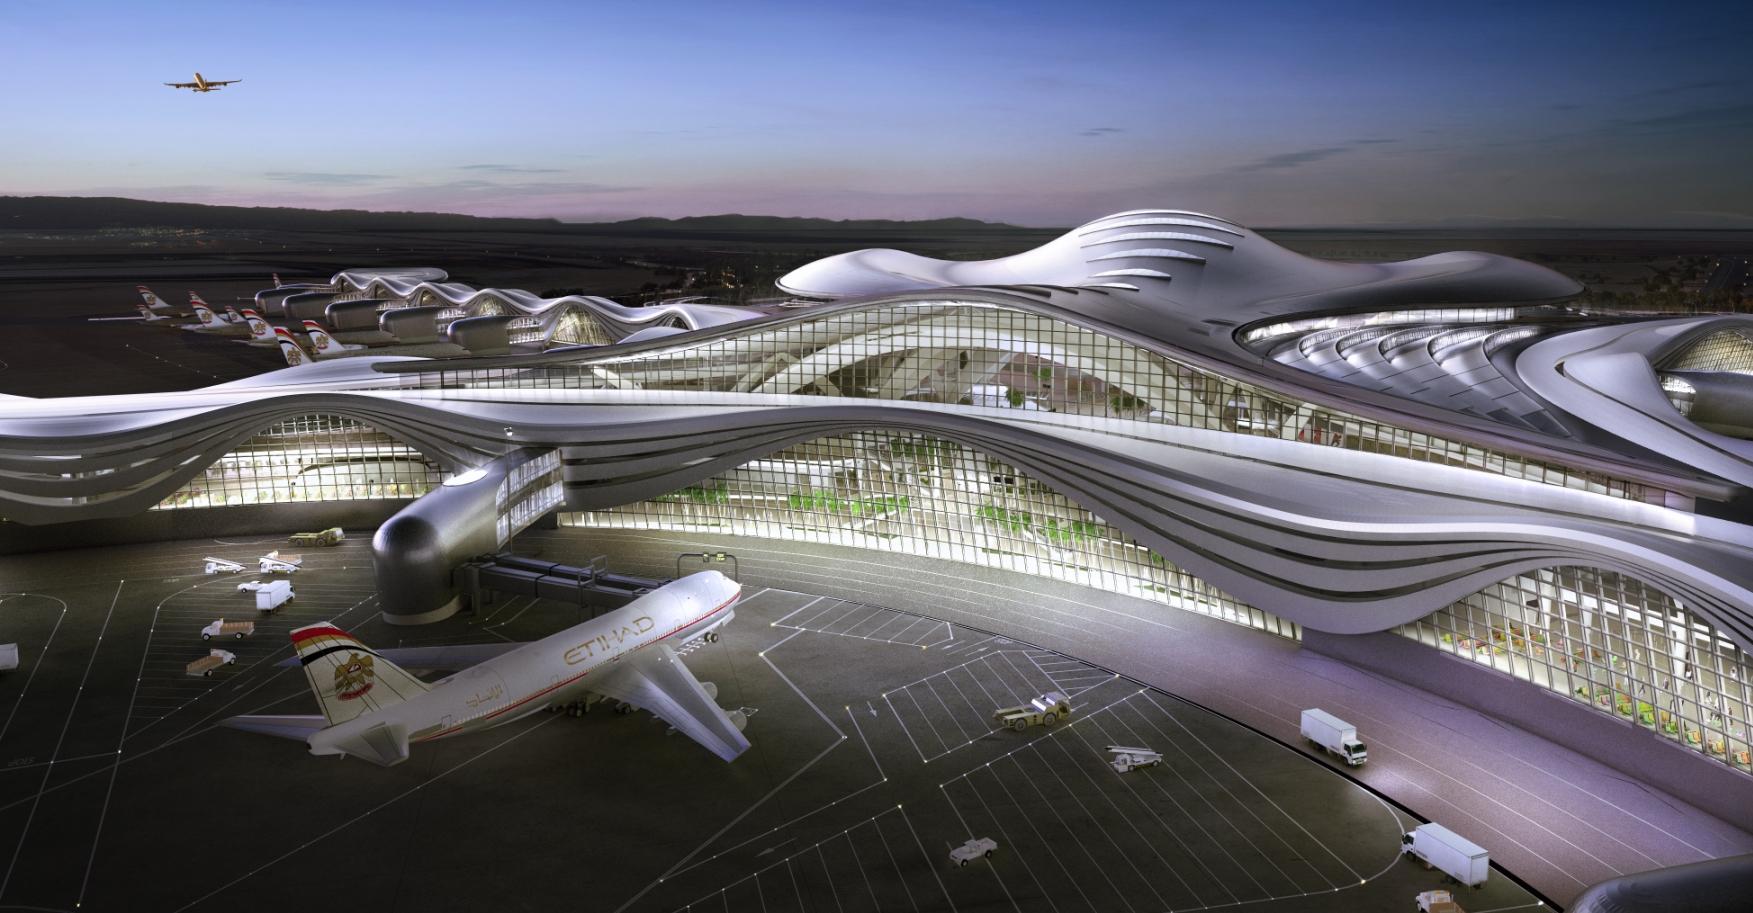 Международные рейсы в Стамбул отменены 5 и 6 апреля из за открытия нового аэропорта, Туристам Коломны, паспорт Отпуск Аэрофлот аэропорт